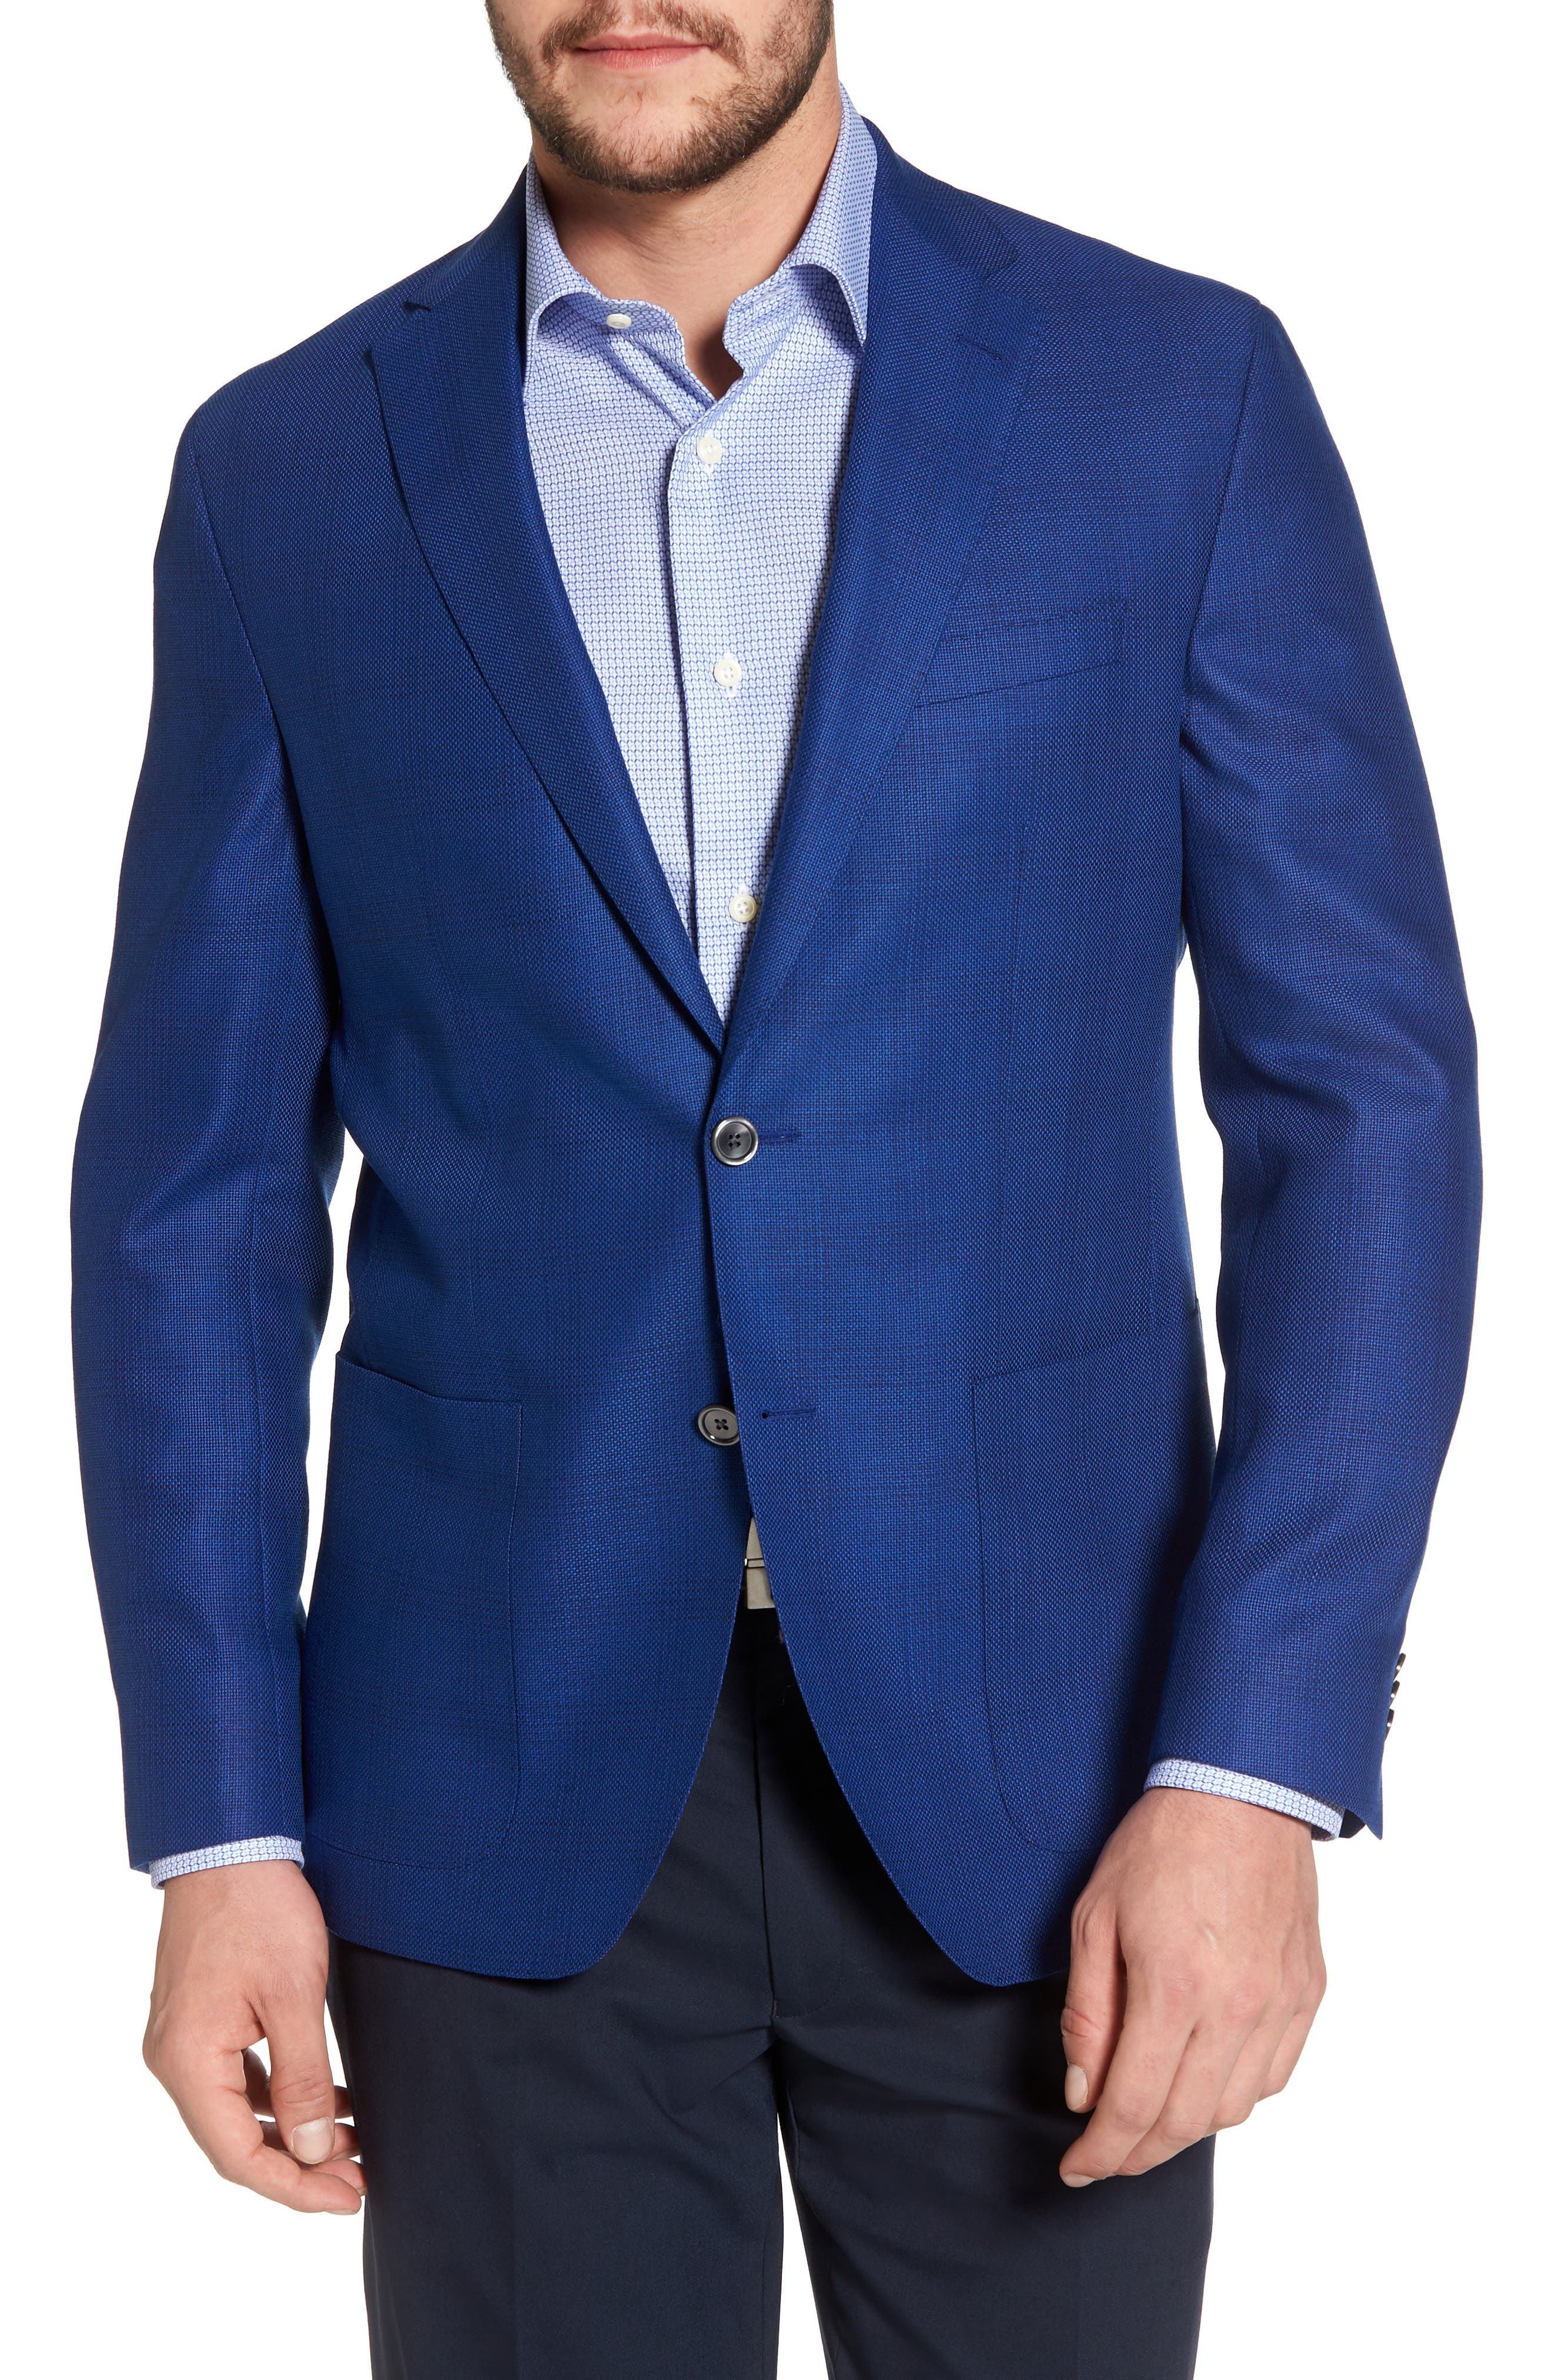 Aiden Classic Fit Sport Coat,                             Main thumbnail 1, color,                             420